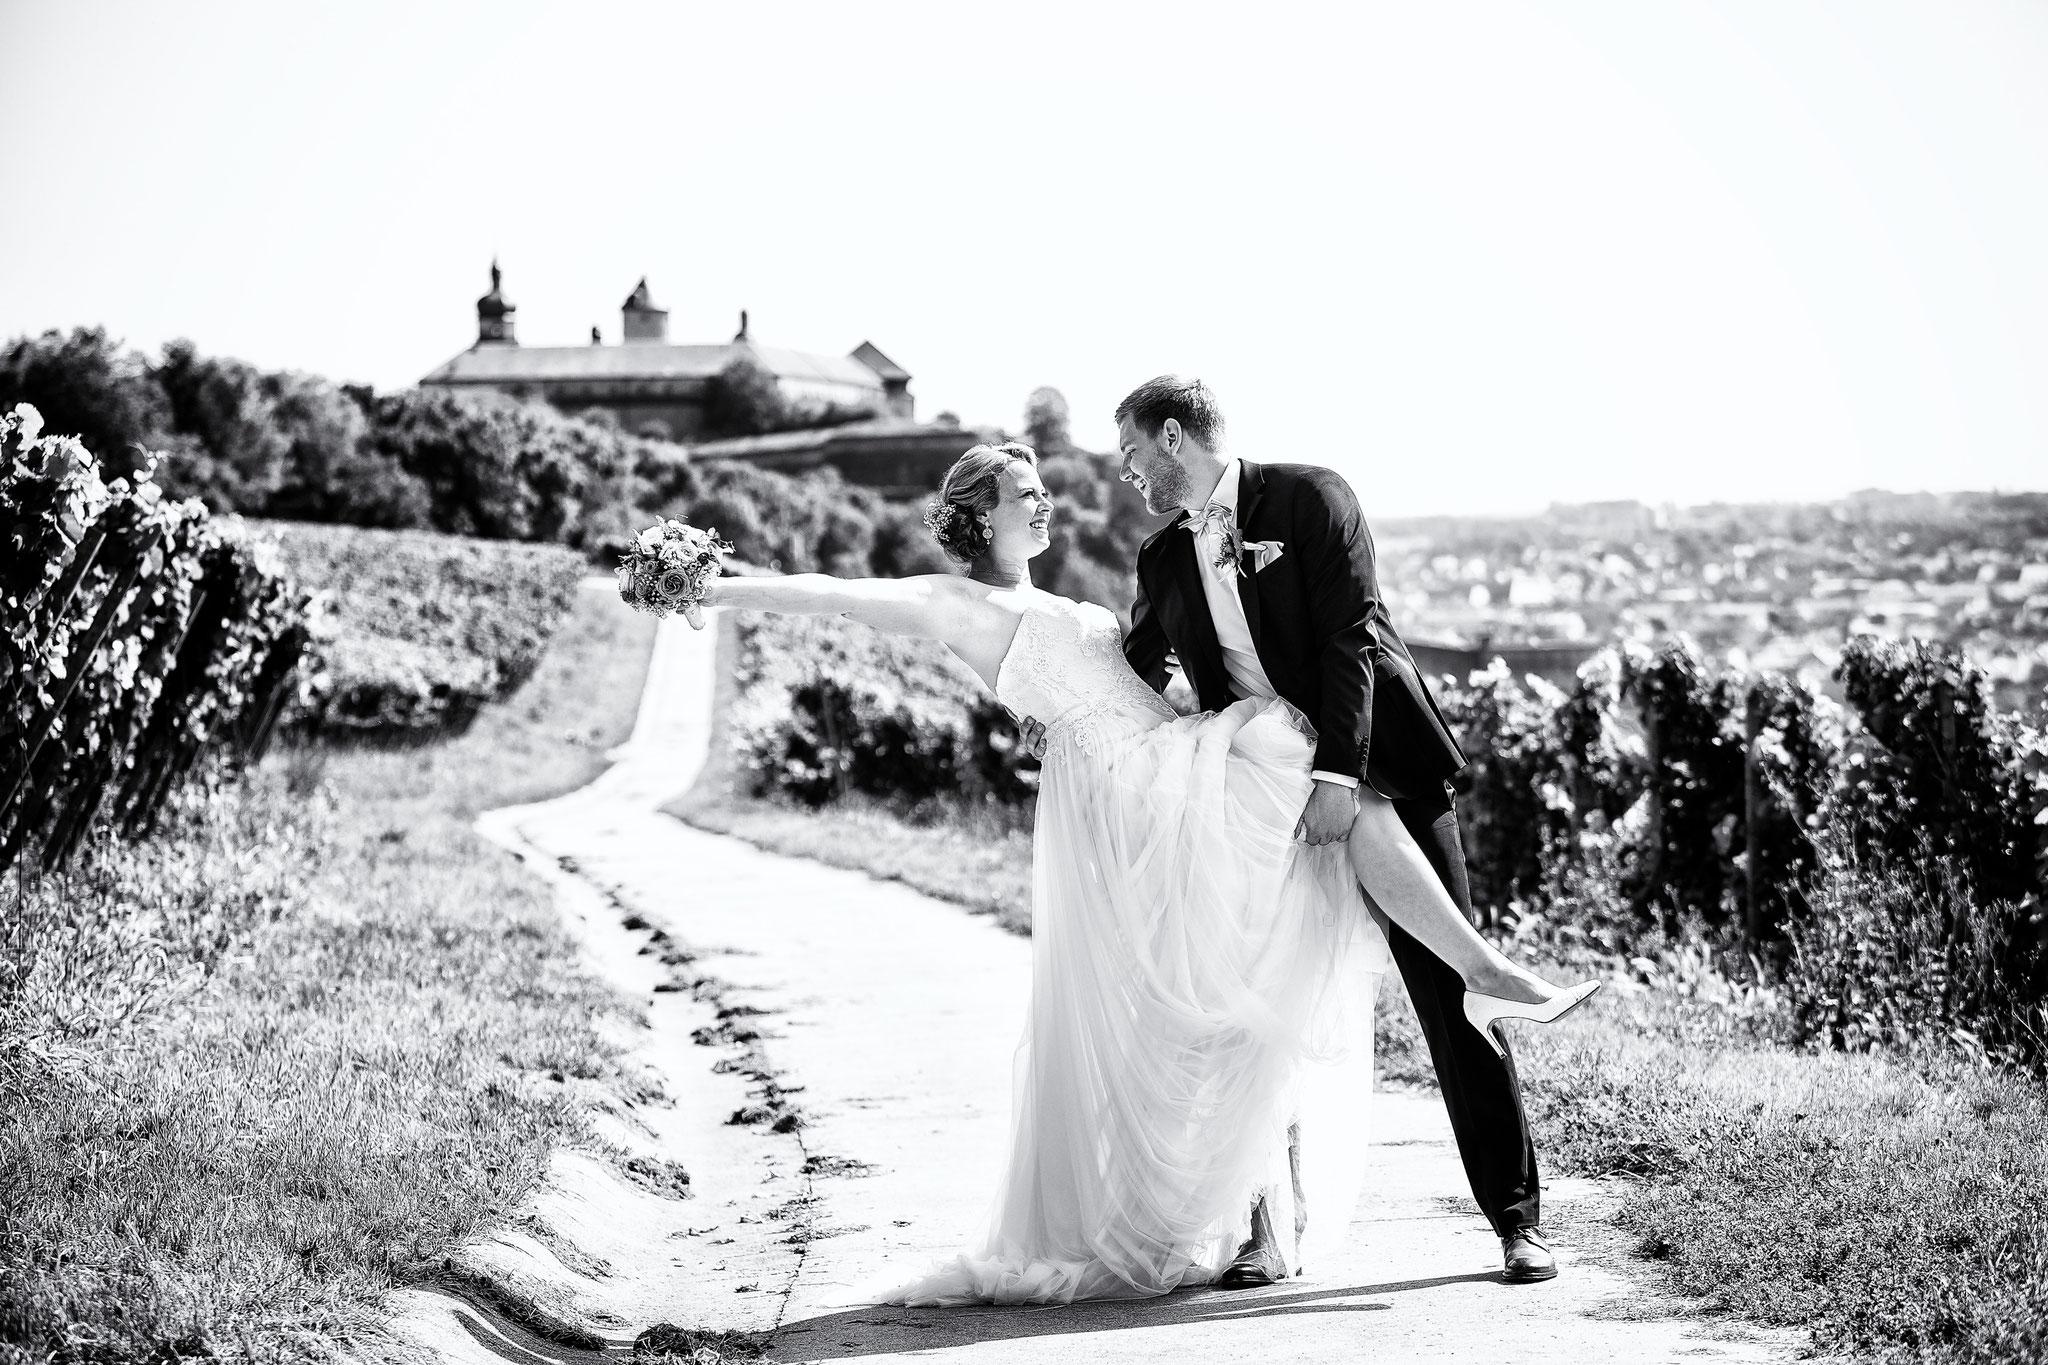 Hochzeitsfoto mit der Festung Marienberg im Hintergrund